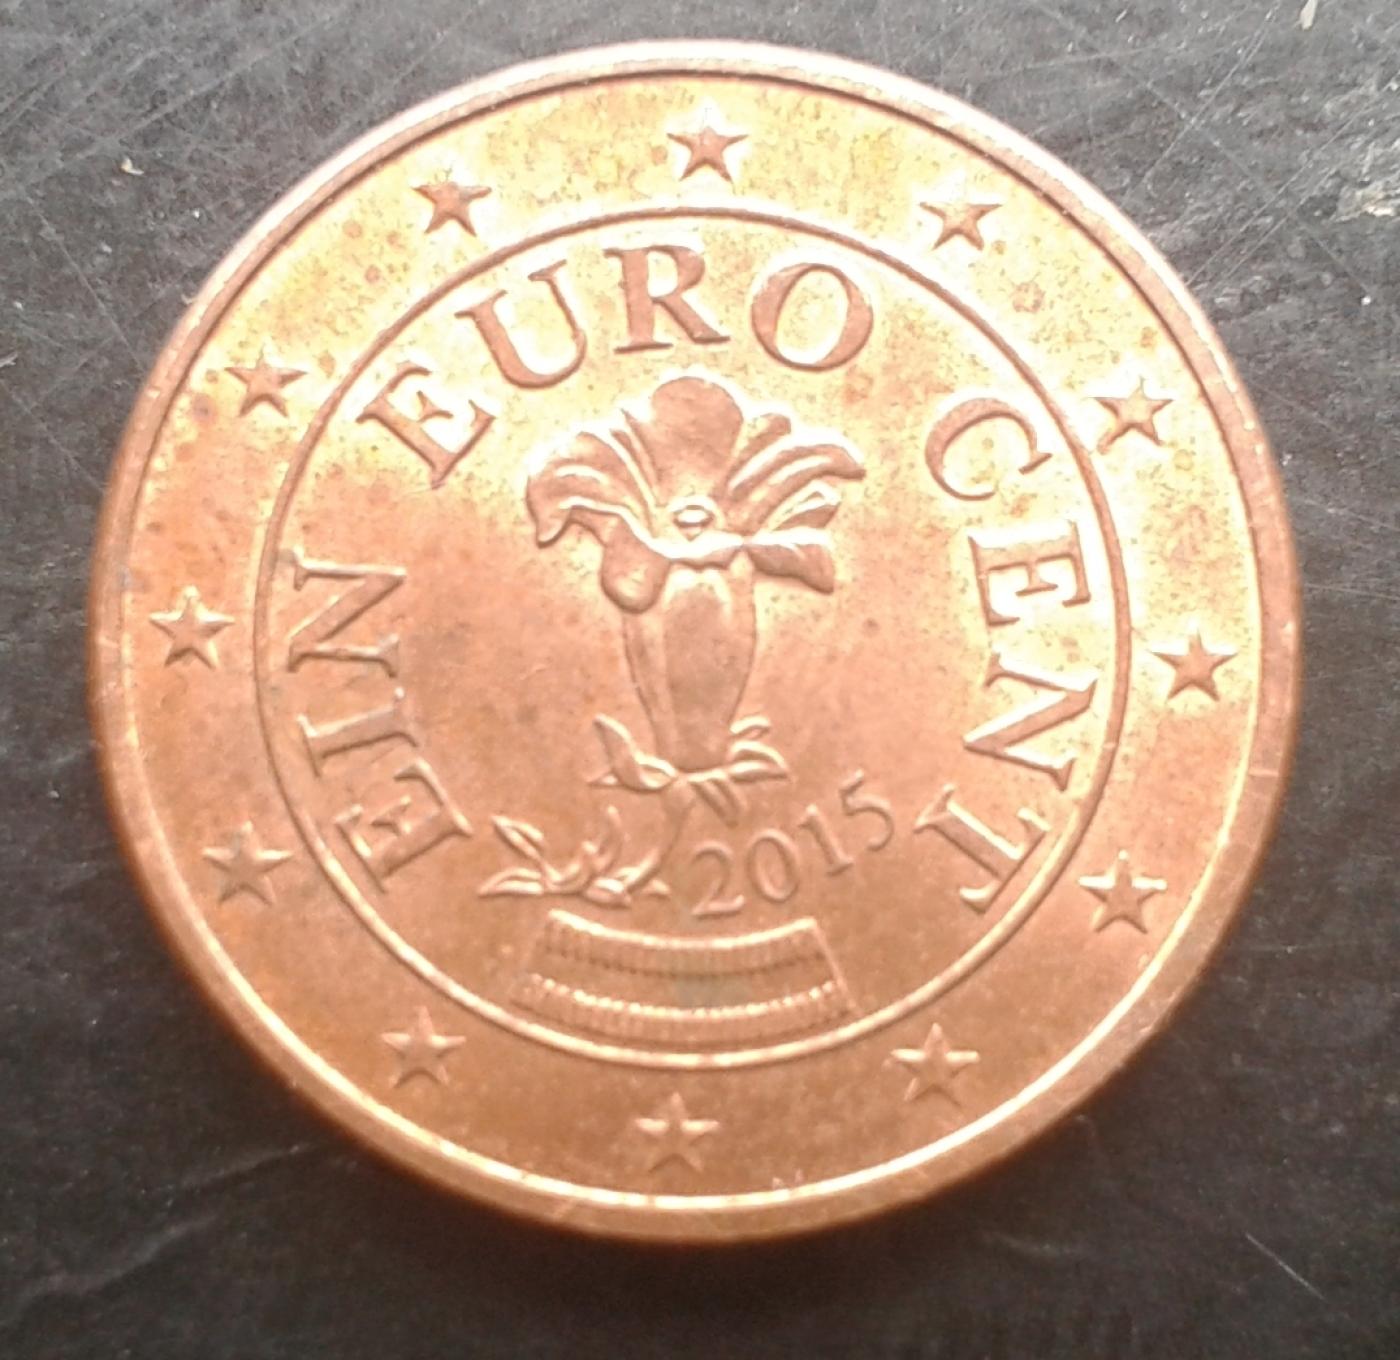 1 Euro Cent 2015 Euro 2010 2019 Austria Coin 36241